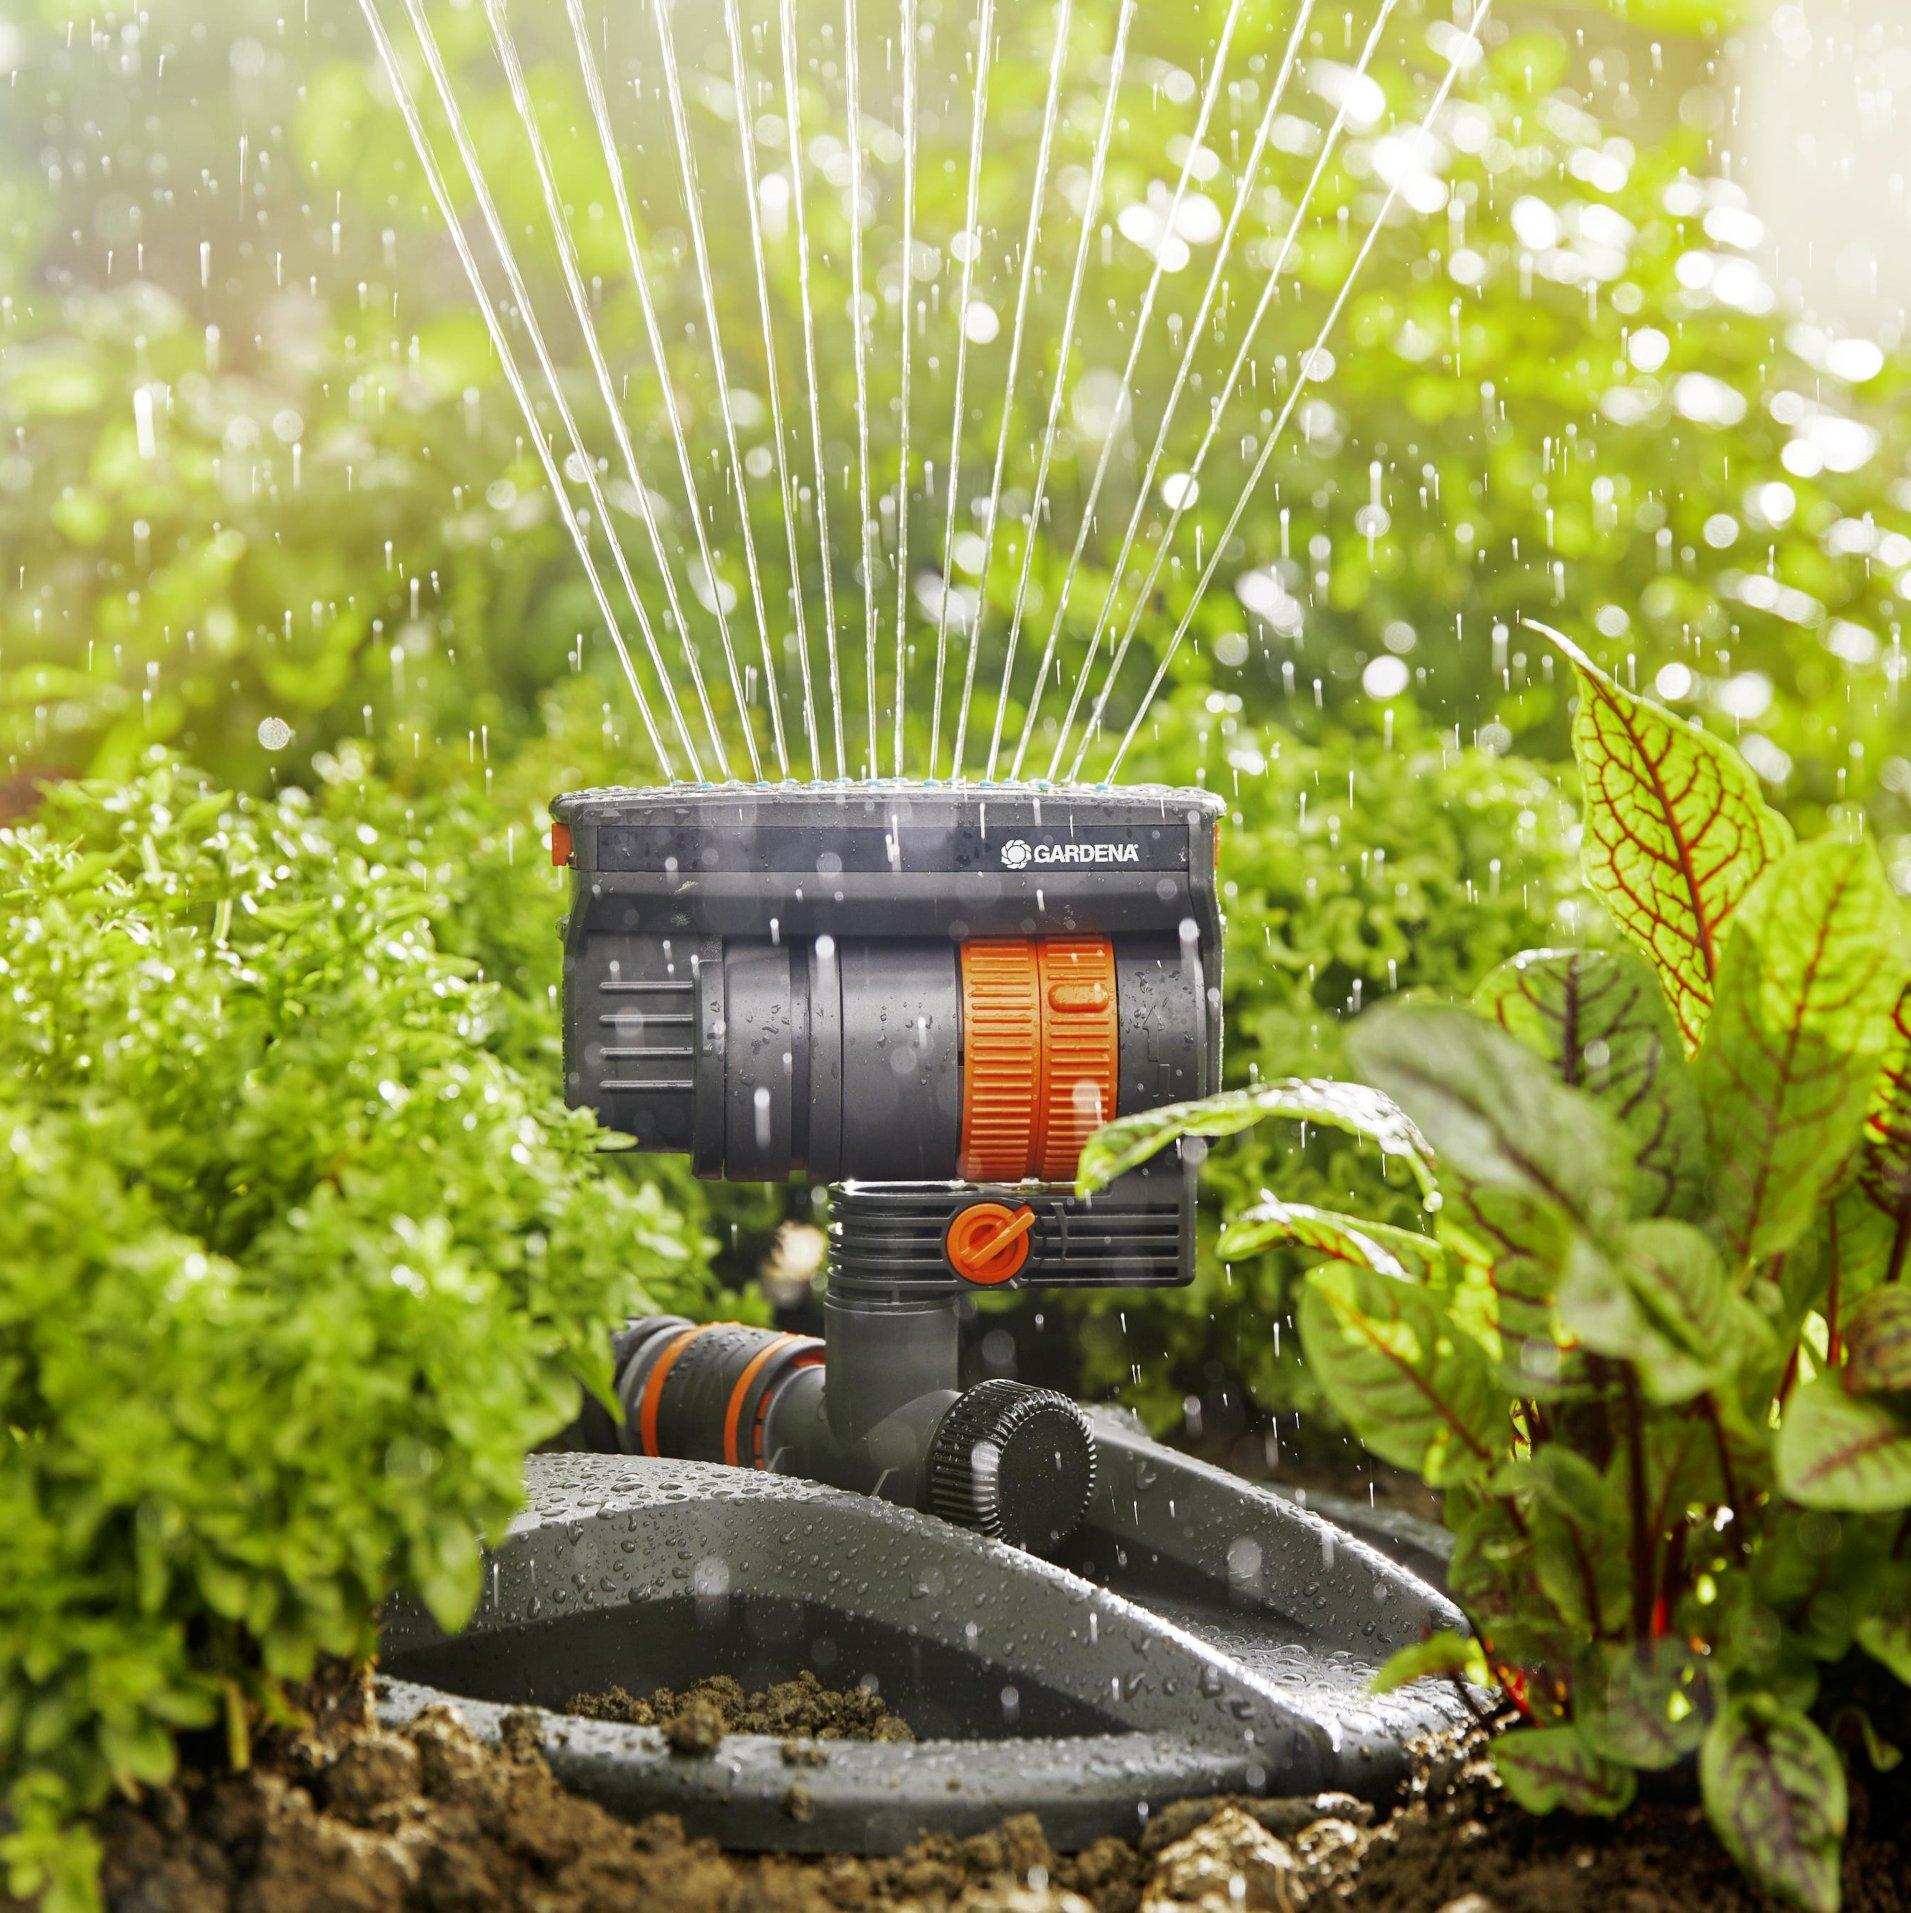 Zraszacz ogrodowy Gardena Aquazoom Compact